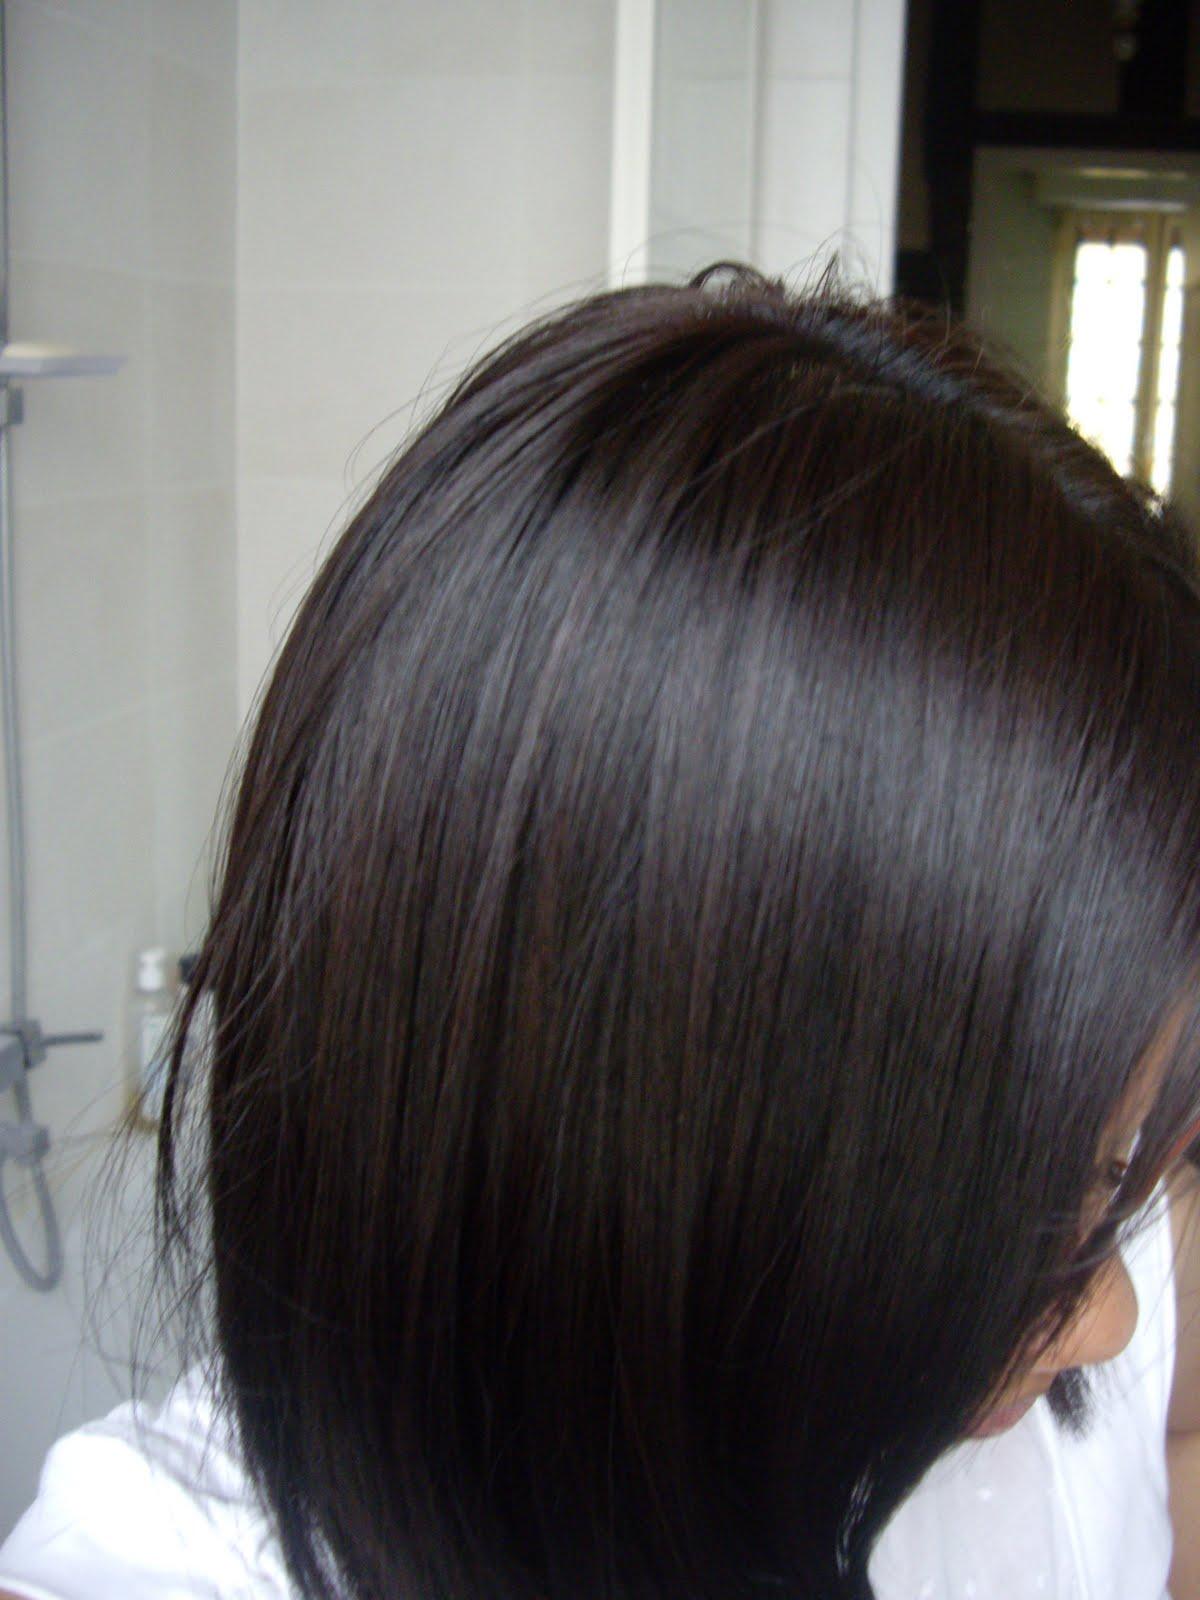 Le blog d 39 une asiatique blond fonc acajou cuivre de l 39 or al excellence cr me - Couleur acajou fonce ...